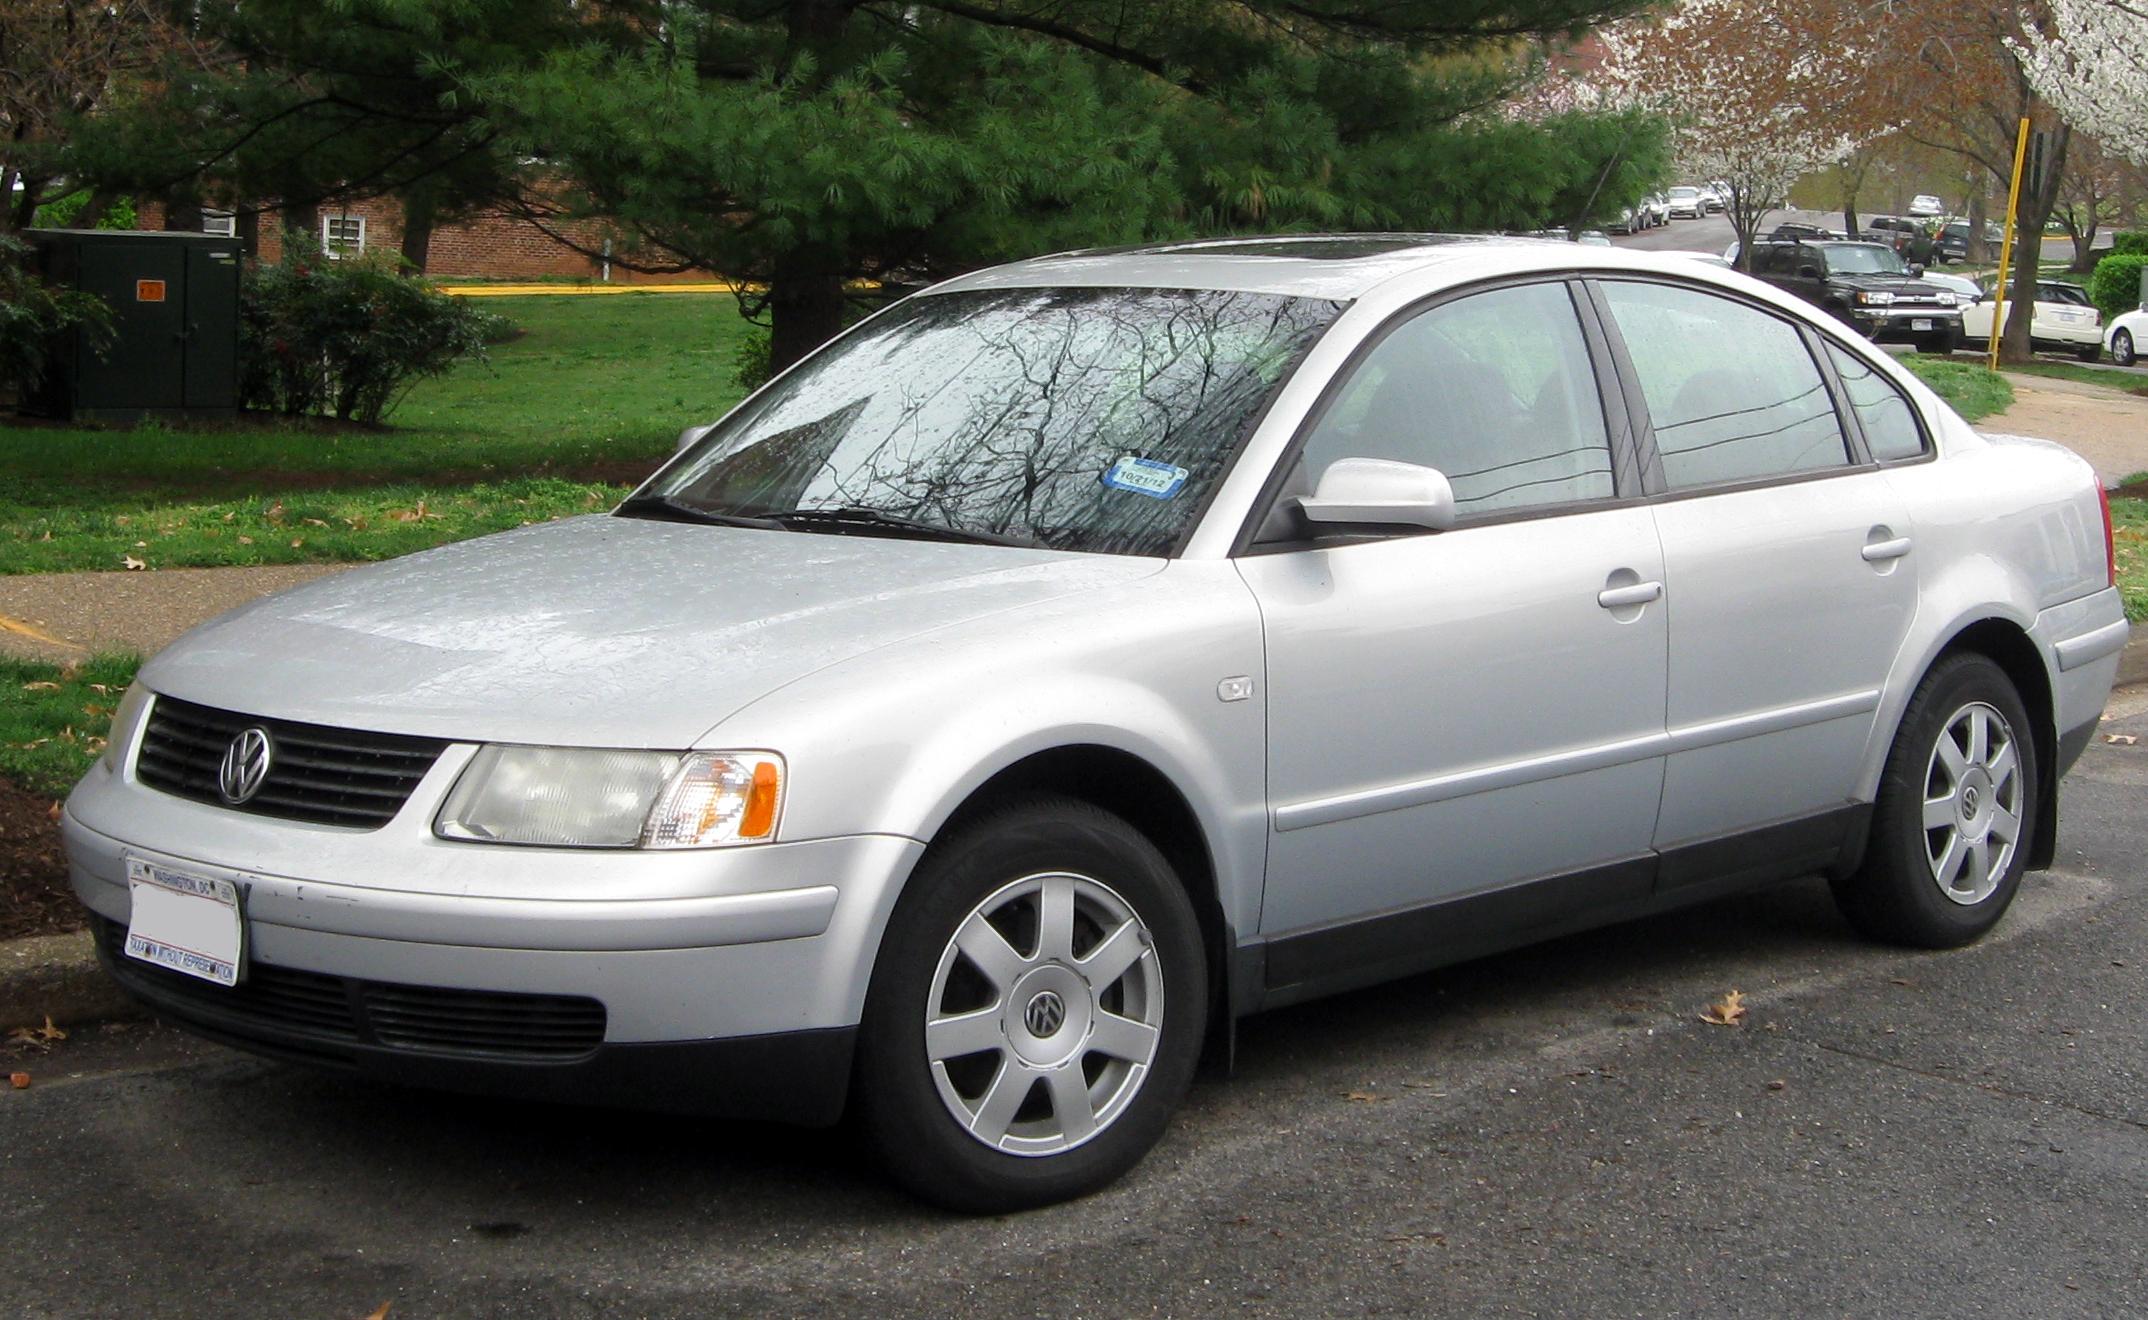 New Vehicle Speed Sensor For Volkswagen Passat 1998-2001